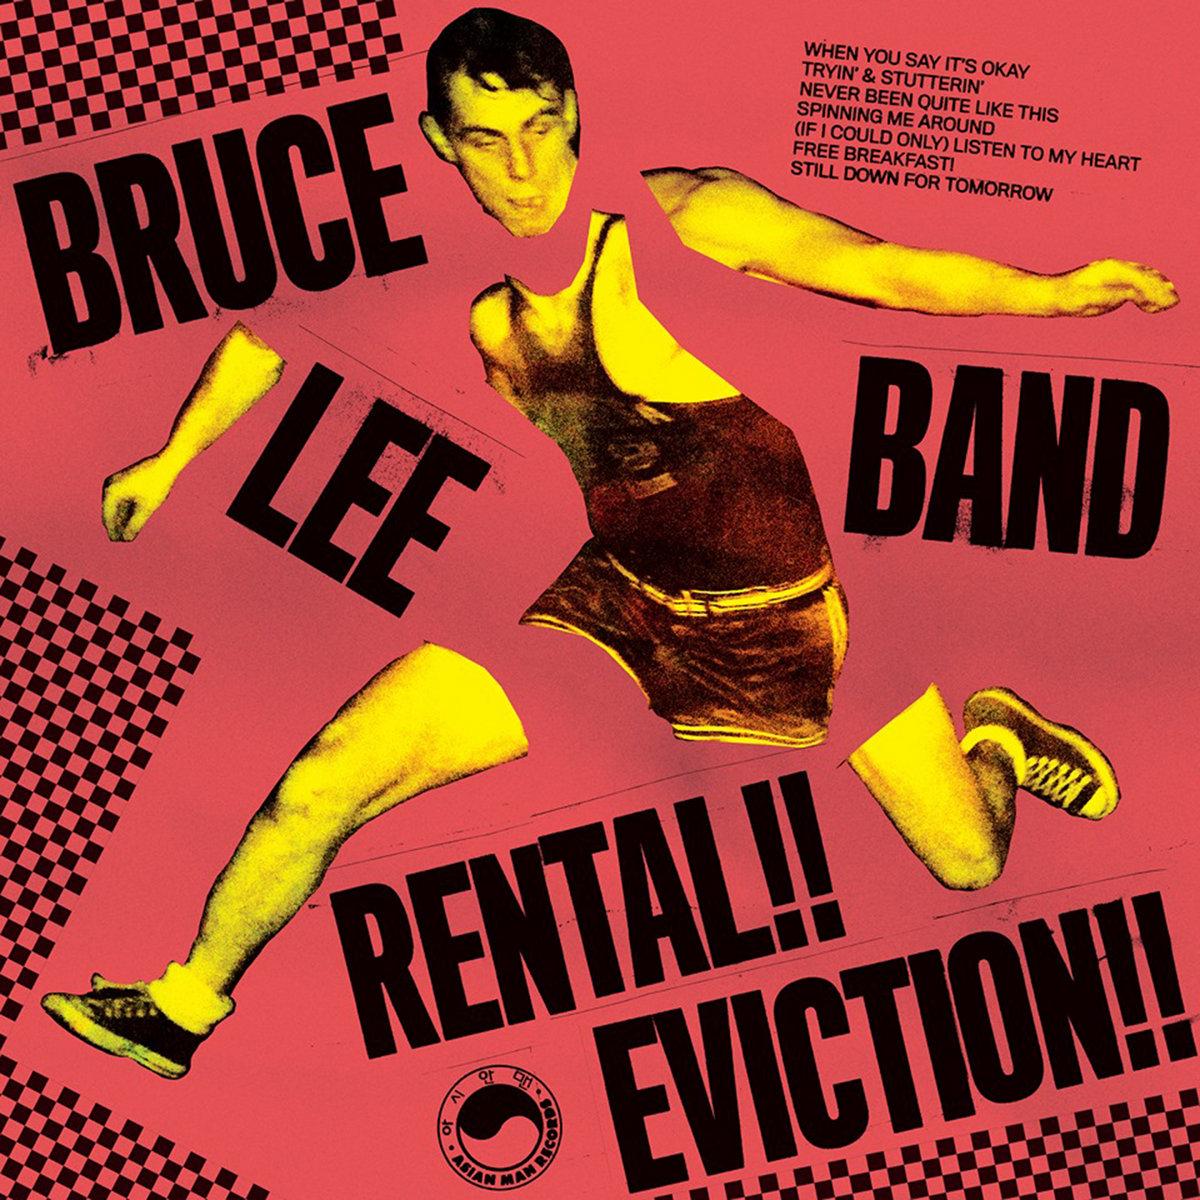 Bruce Lee Band - Rental!! Eviction!! LP